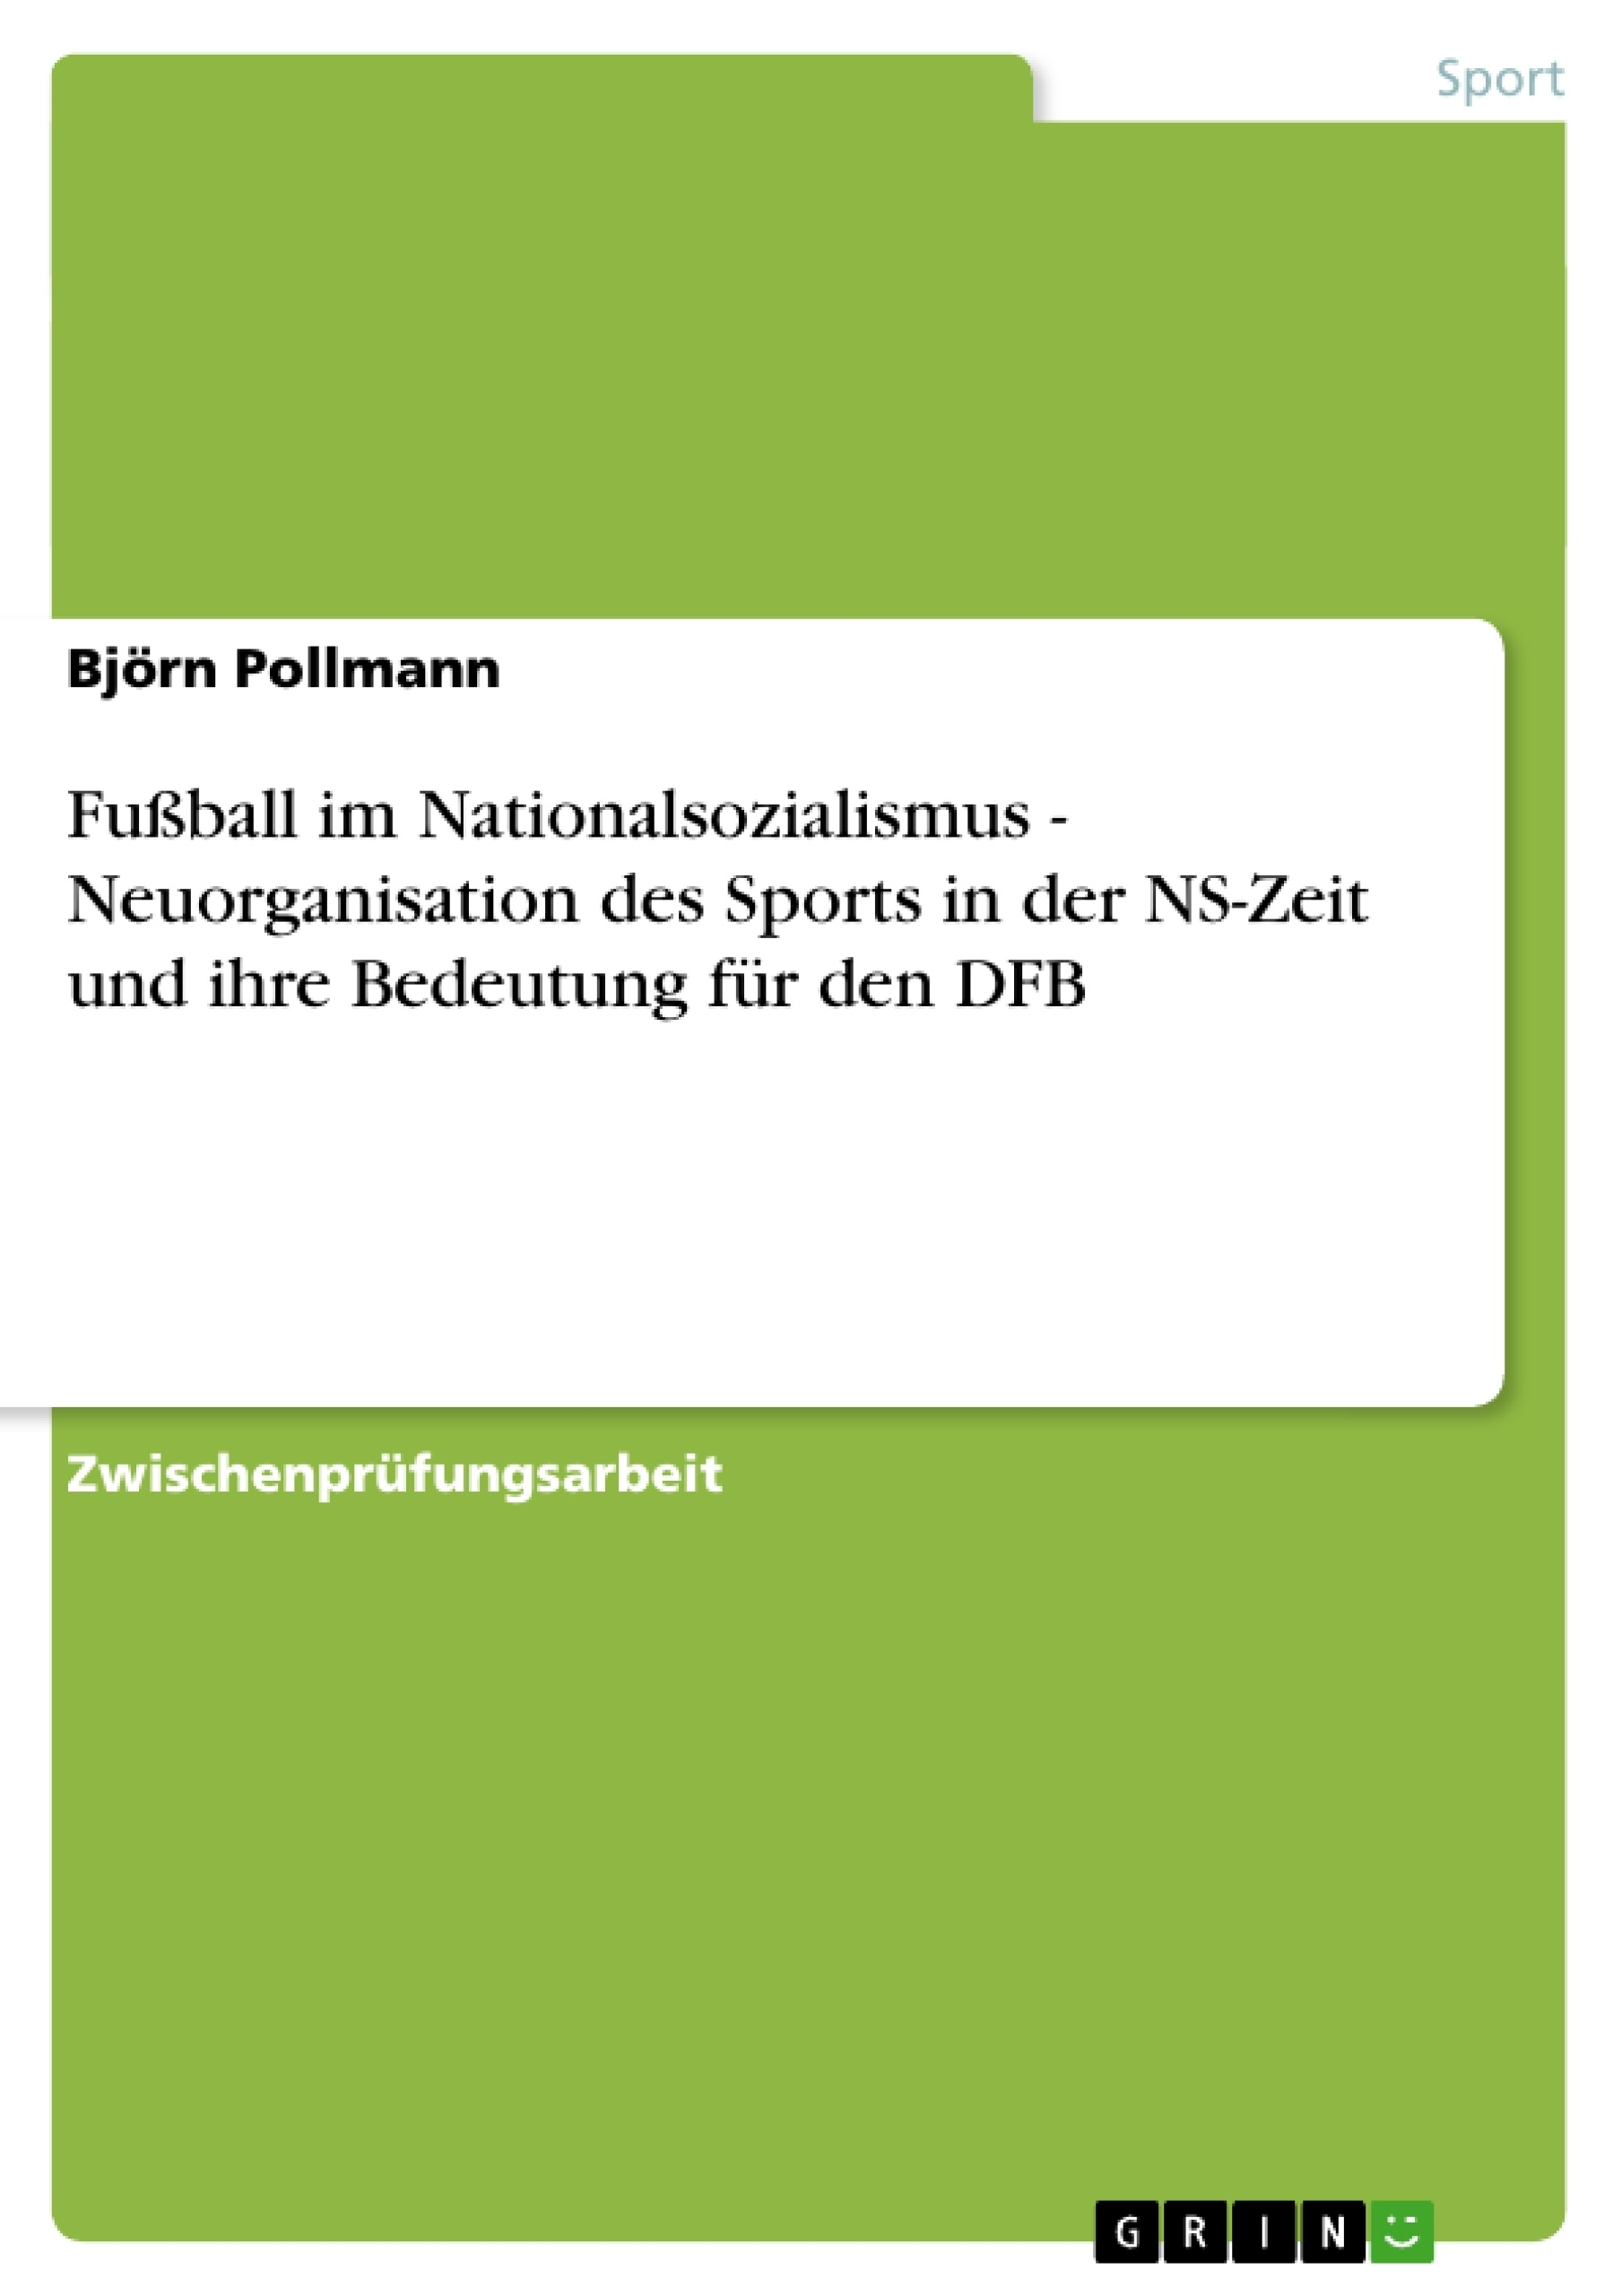 Titel: Fußball im Nationalsozialismus - Neuorganisation des Sports in der NS-Zeit und ihre Bedeutung für den DFB